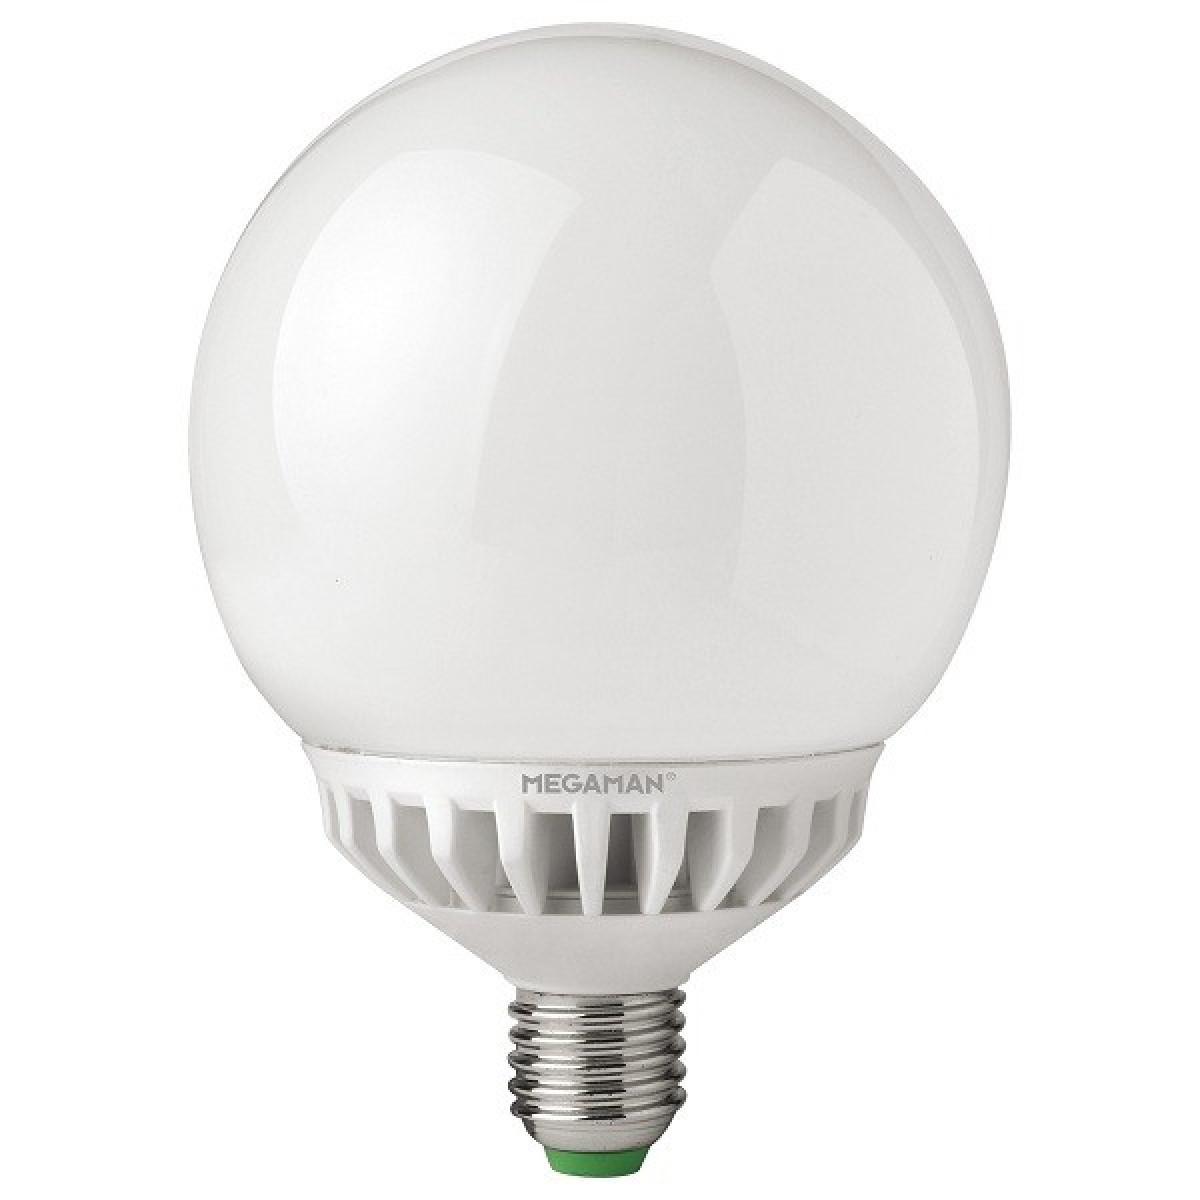 Pære LED 8W Globe E27 - Megaman